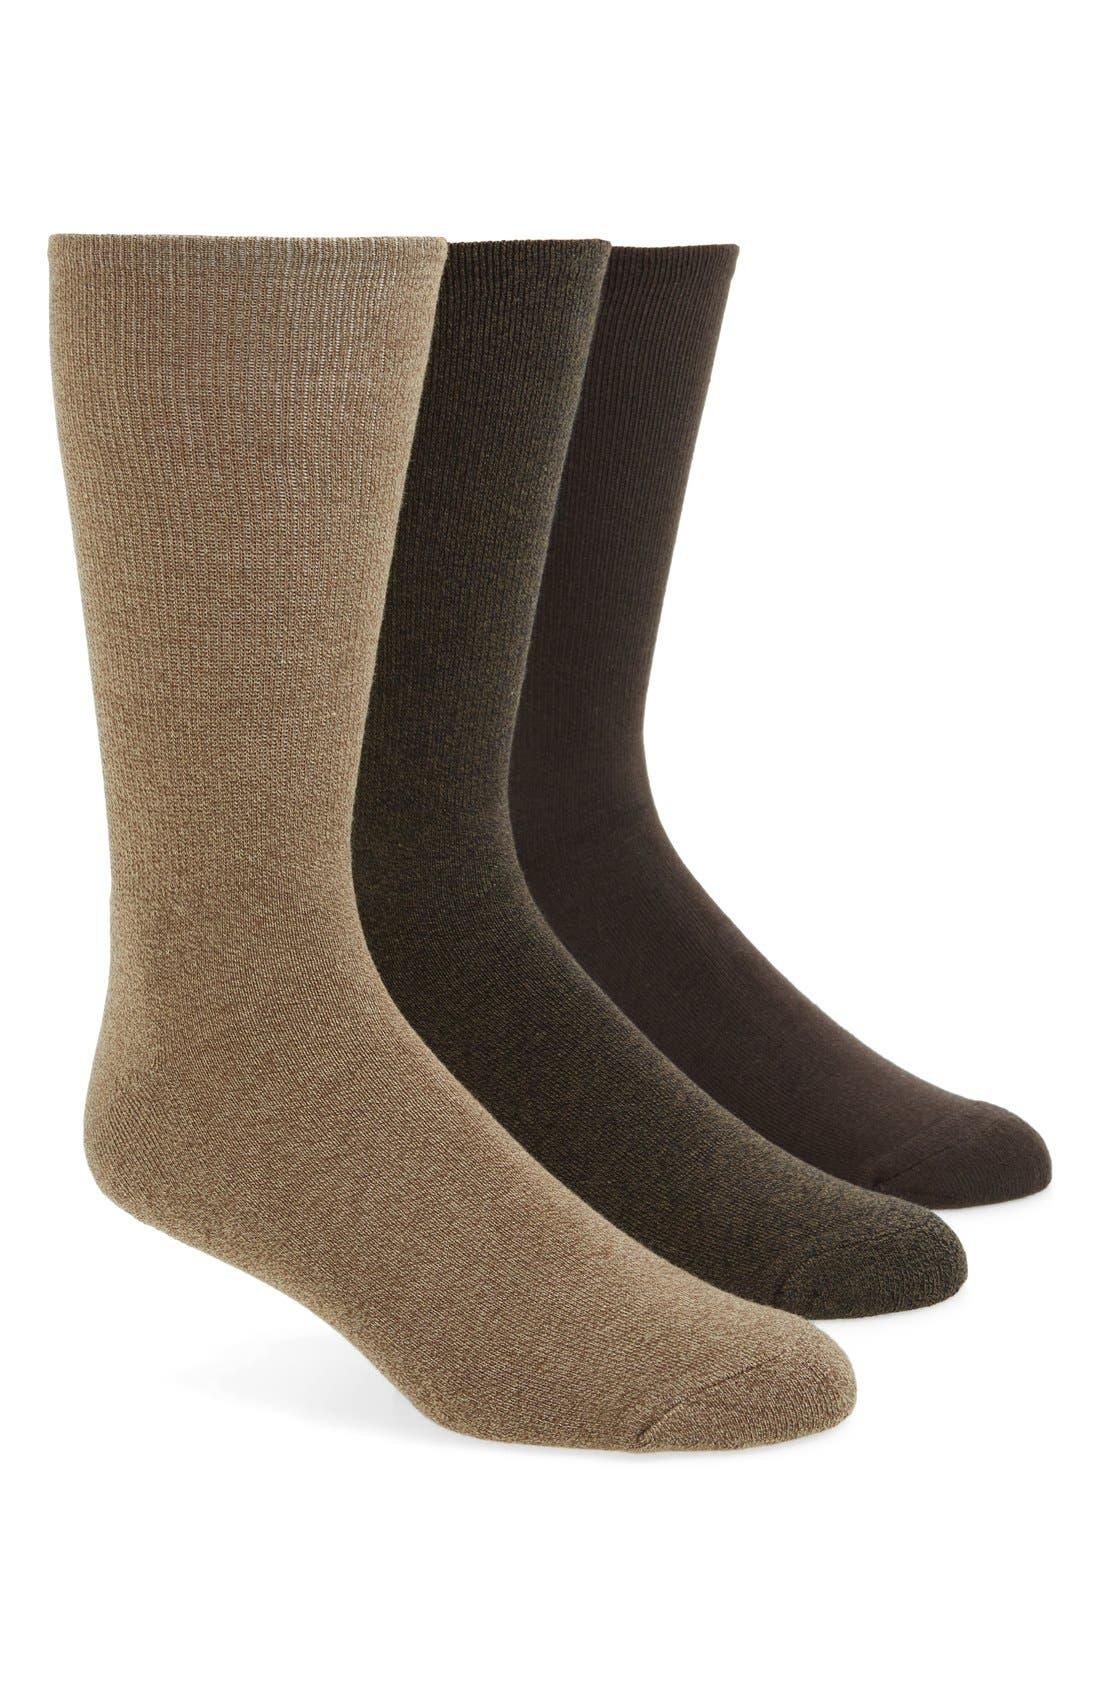 3-Pack Cotton Blend Socks,                             Main thumbnail 1, color,                             Beige